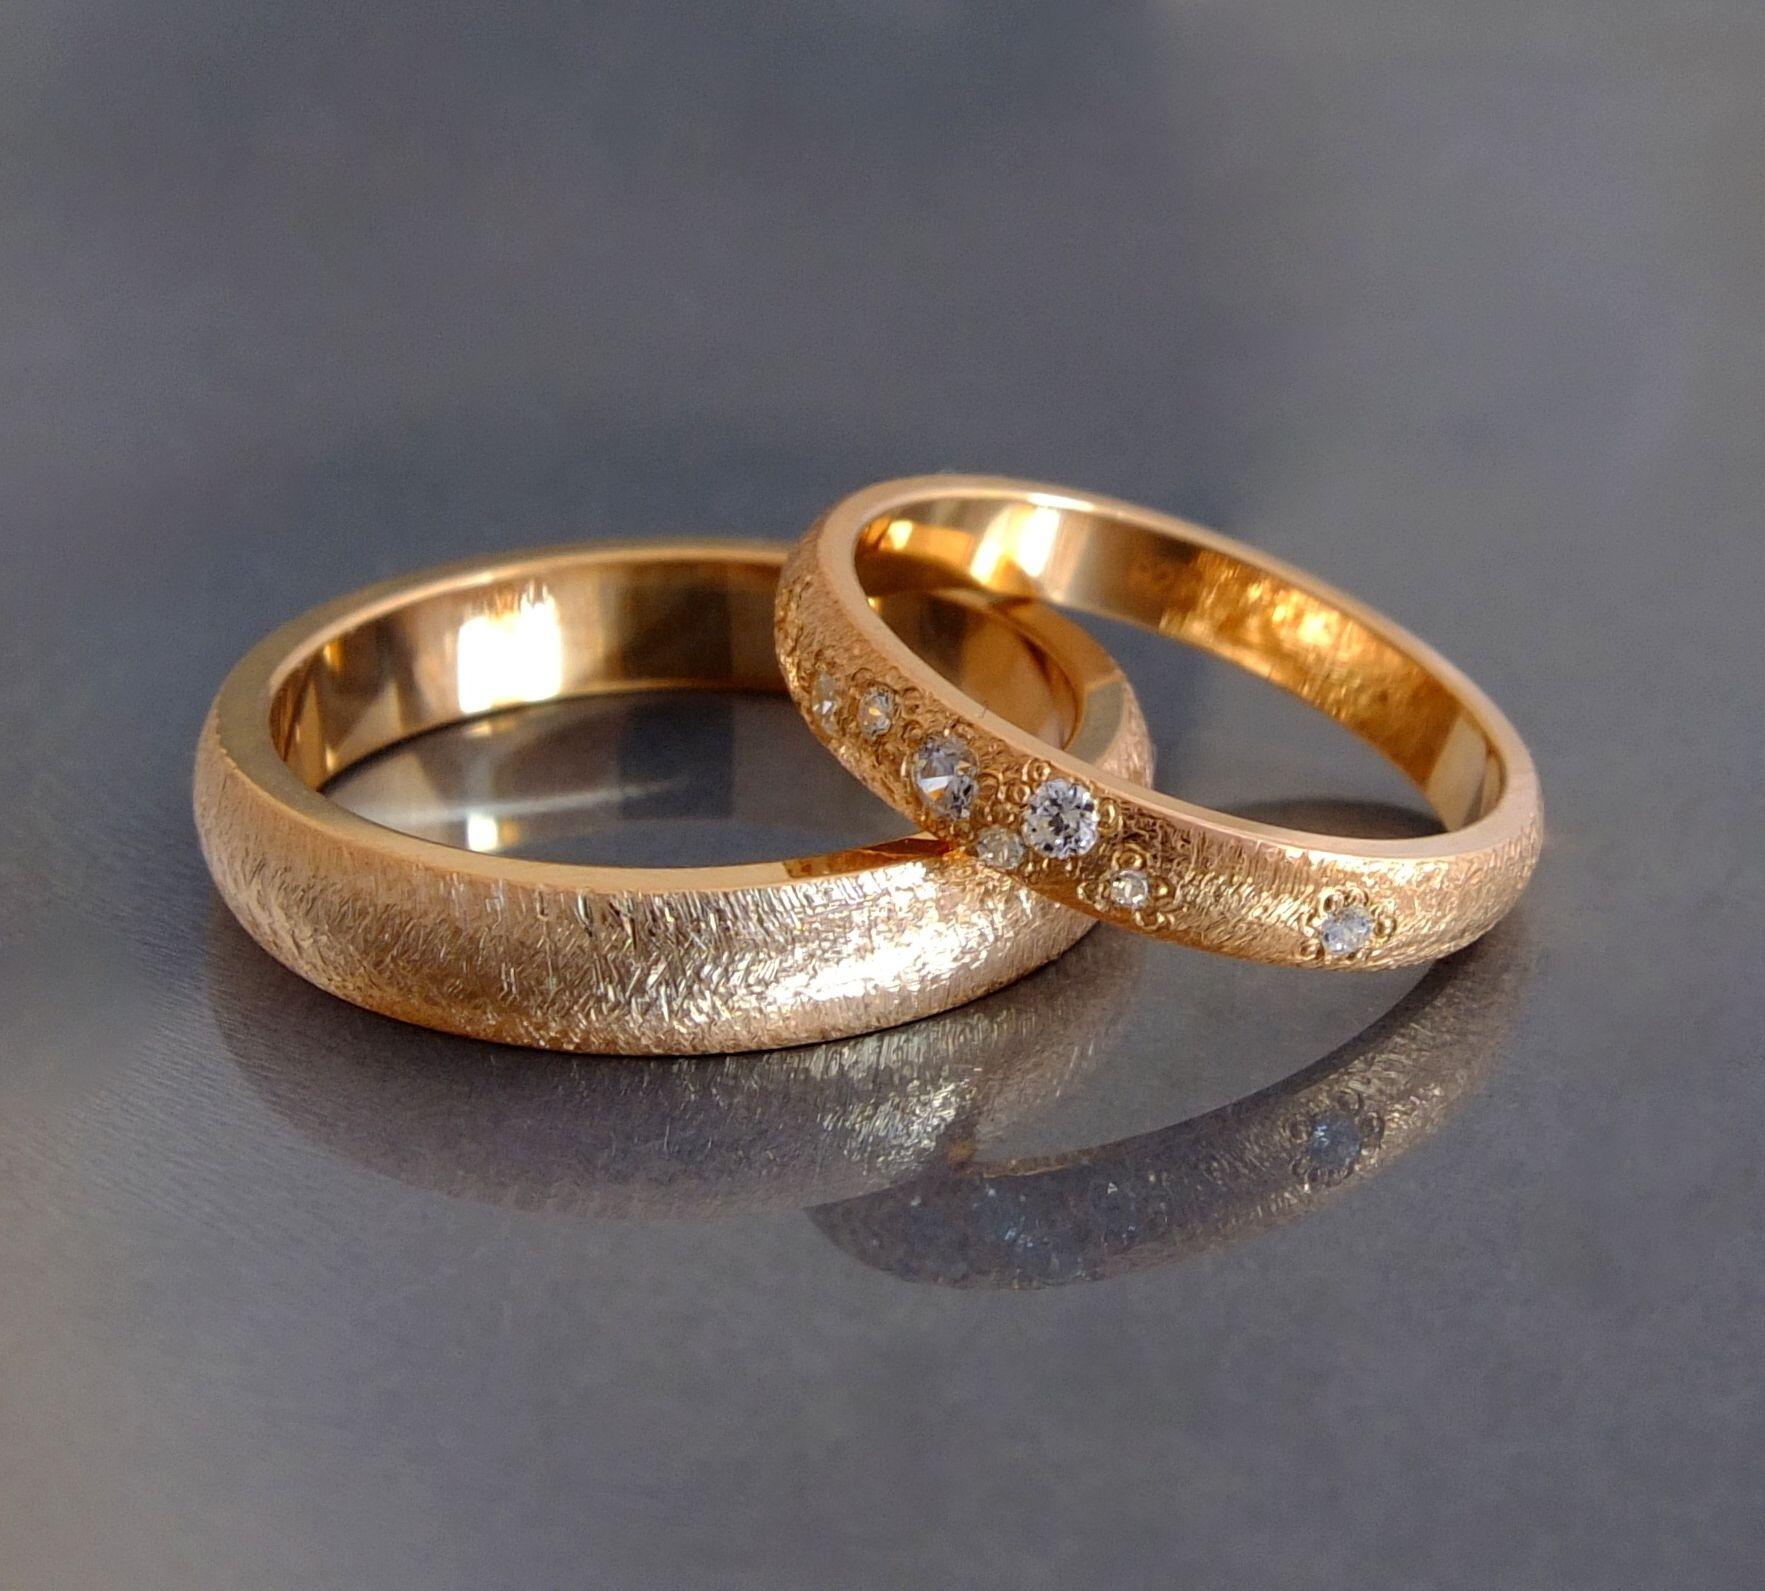 ec2b41a9884c45 Indywidualne zamówienia na obrączki ślubne ze złota lub platyny, wysadzane  brylantami. Według wzoru klienta.